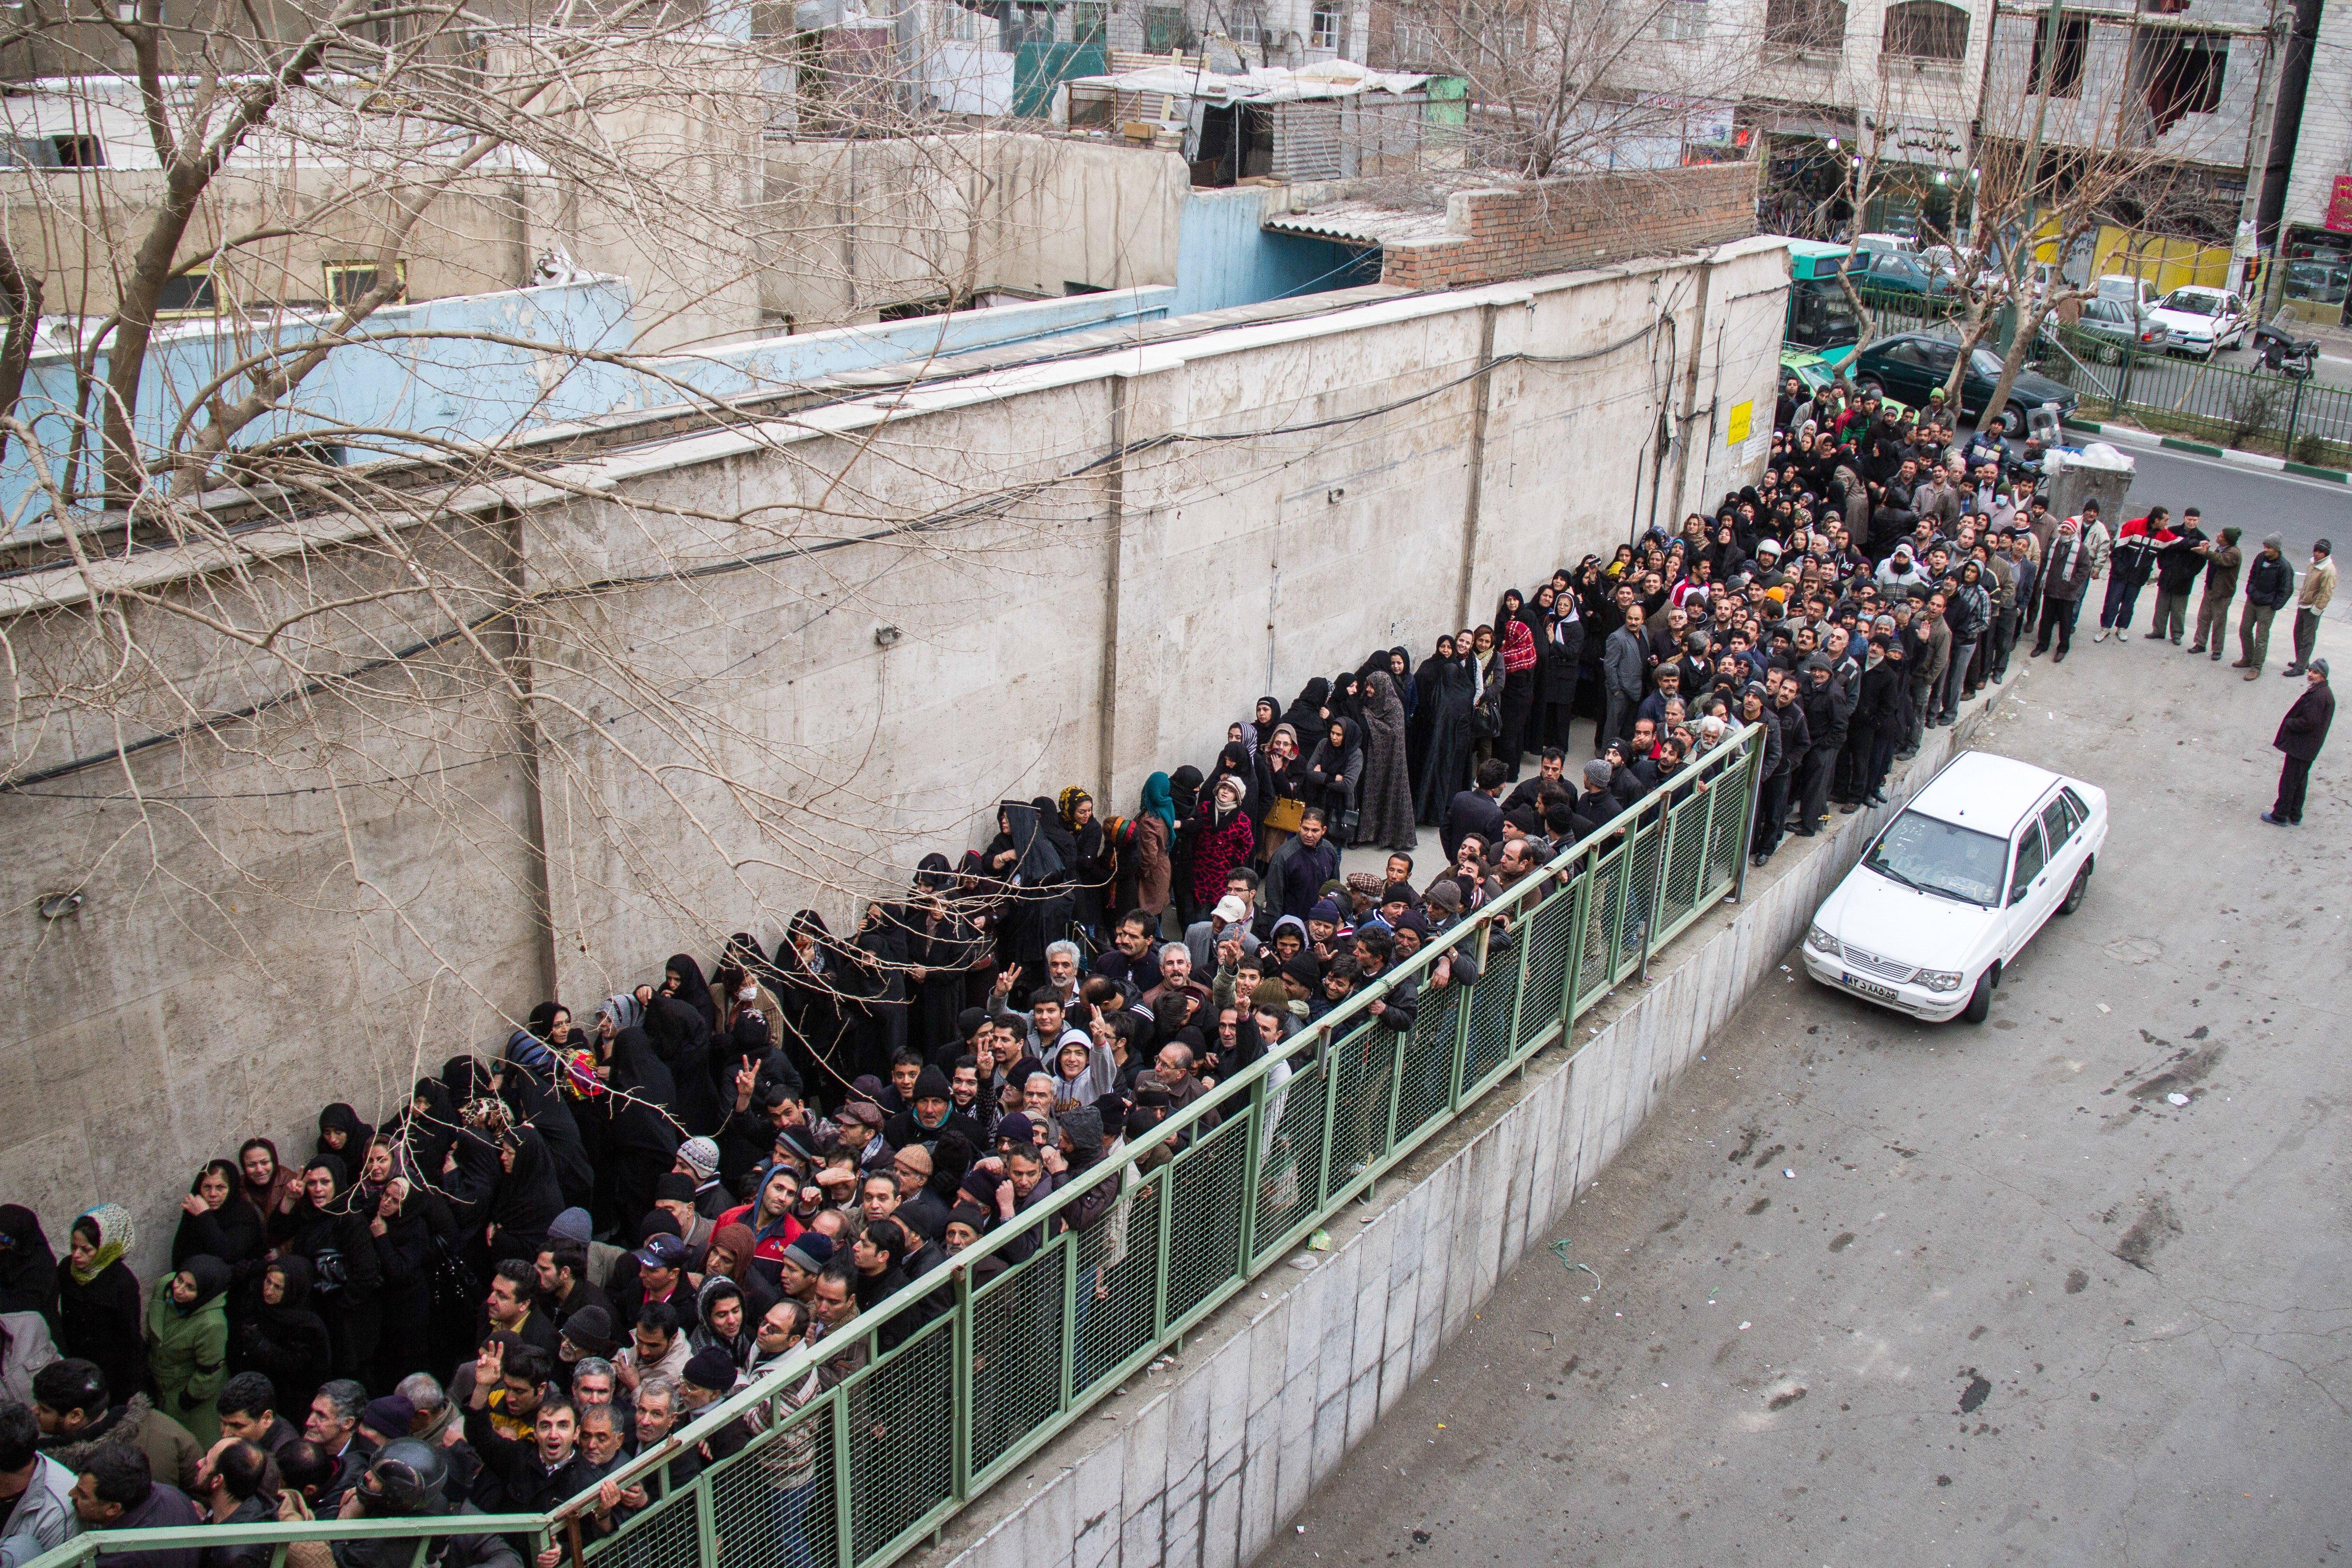 إيرانيون من ذوي الدخل المحدود ينتظرون دورهم في الحصول على مساعدات (أرشيف)